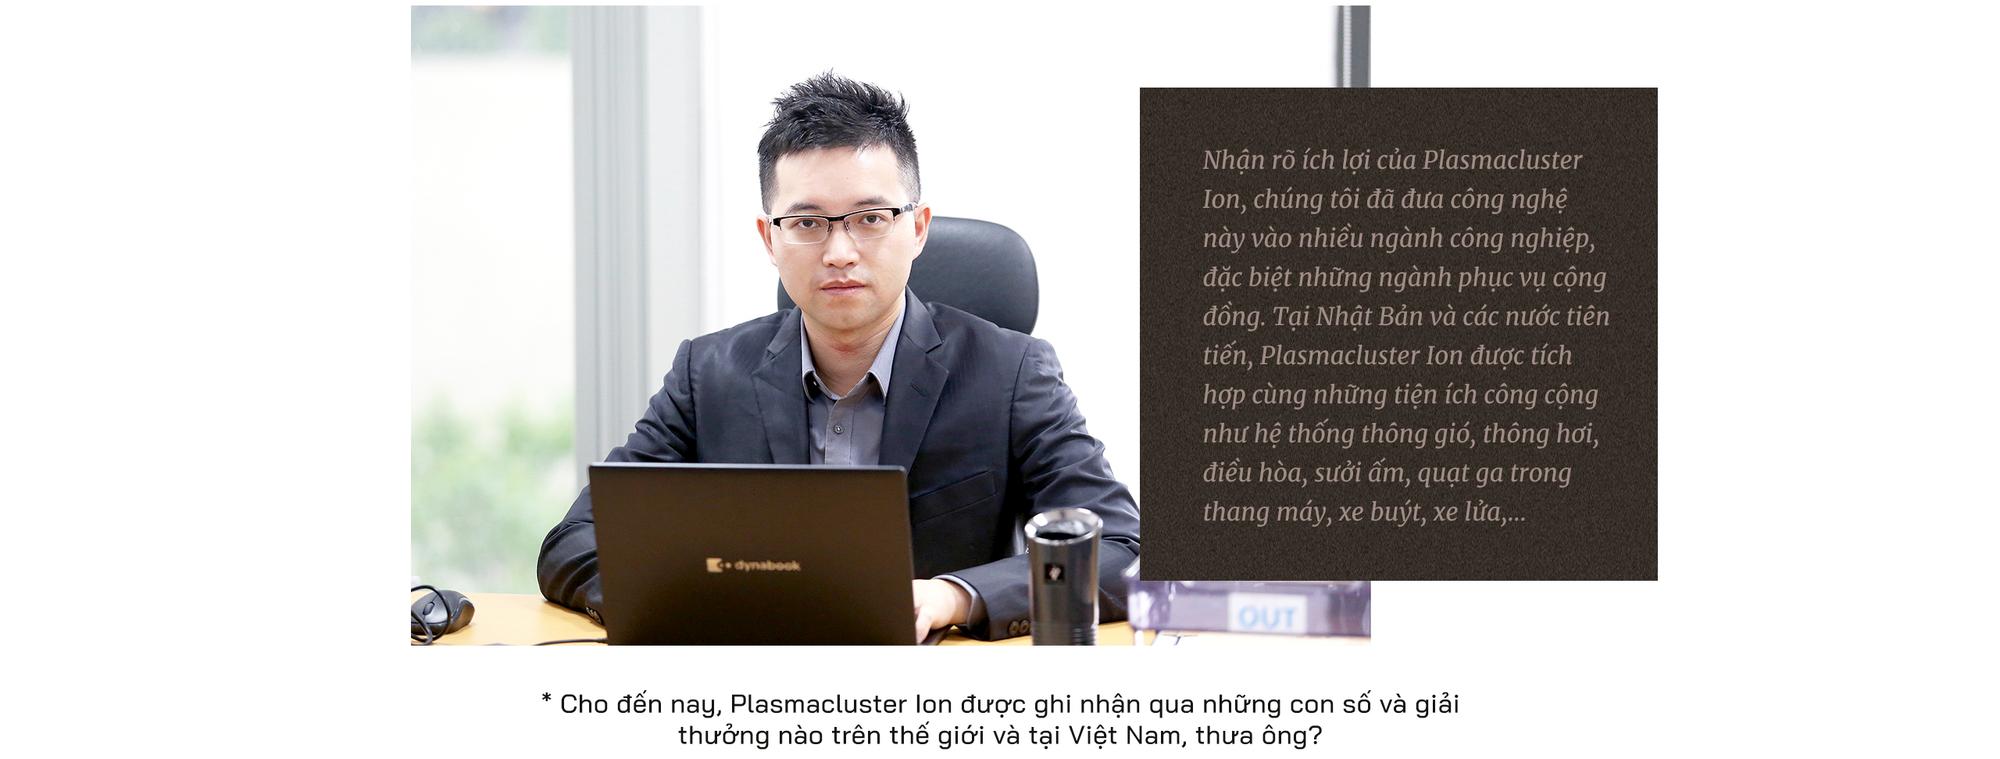 Phó tổng giám đốc Sharp Việt Nam: Chúng tôi chỉ hạnh phúc khi mang hạnh phúc đến cho người dùng - Ảnh 5.